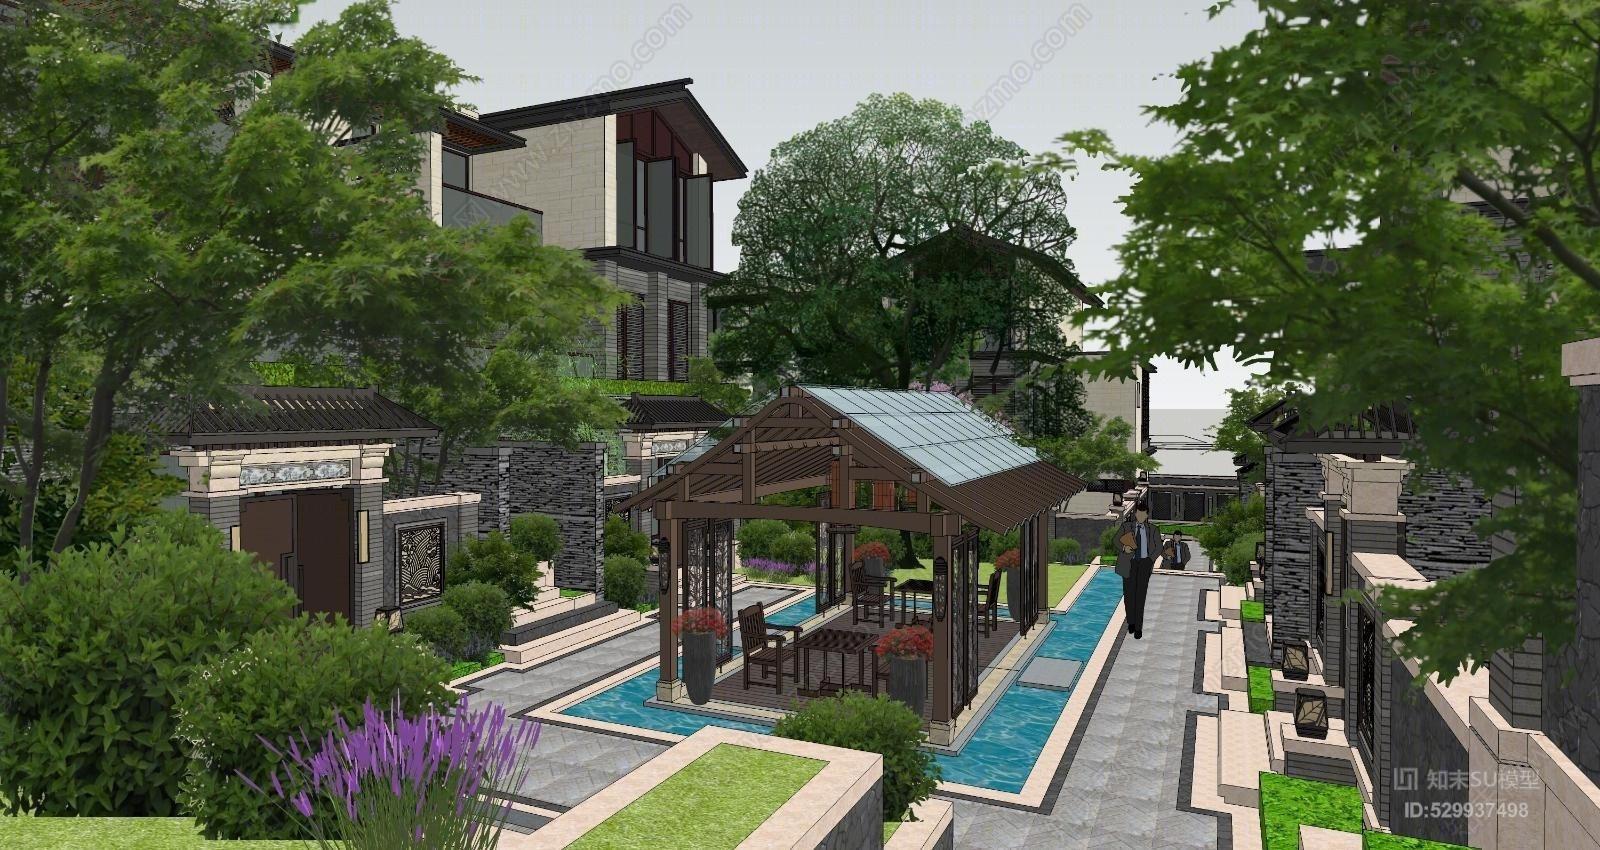 大理唐林恒宅间中式联排别墅景观小区景观中式景观